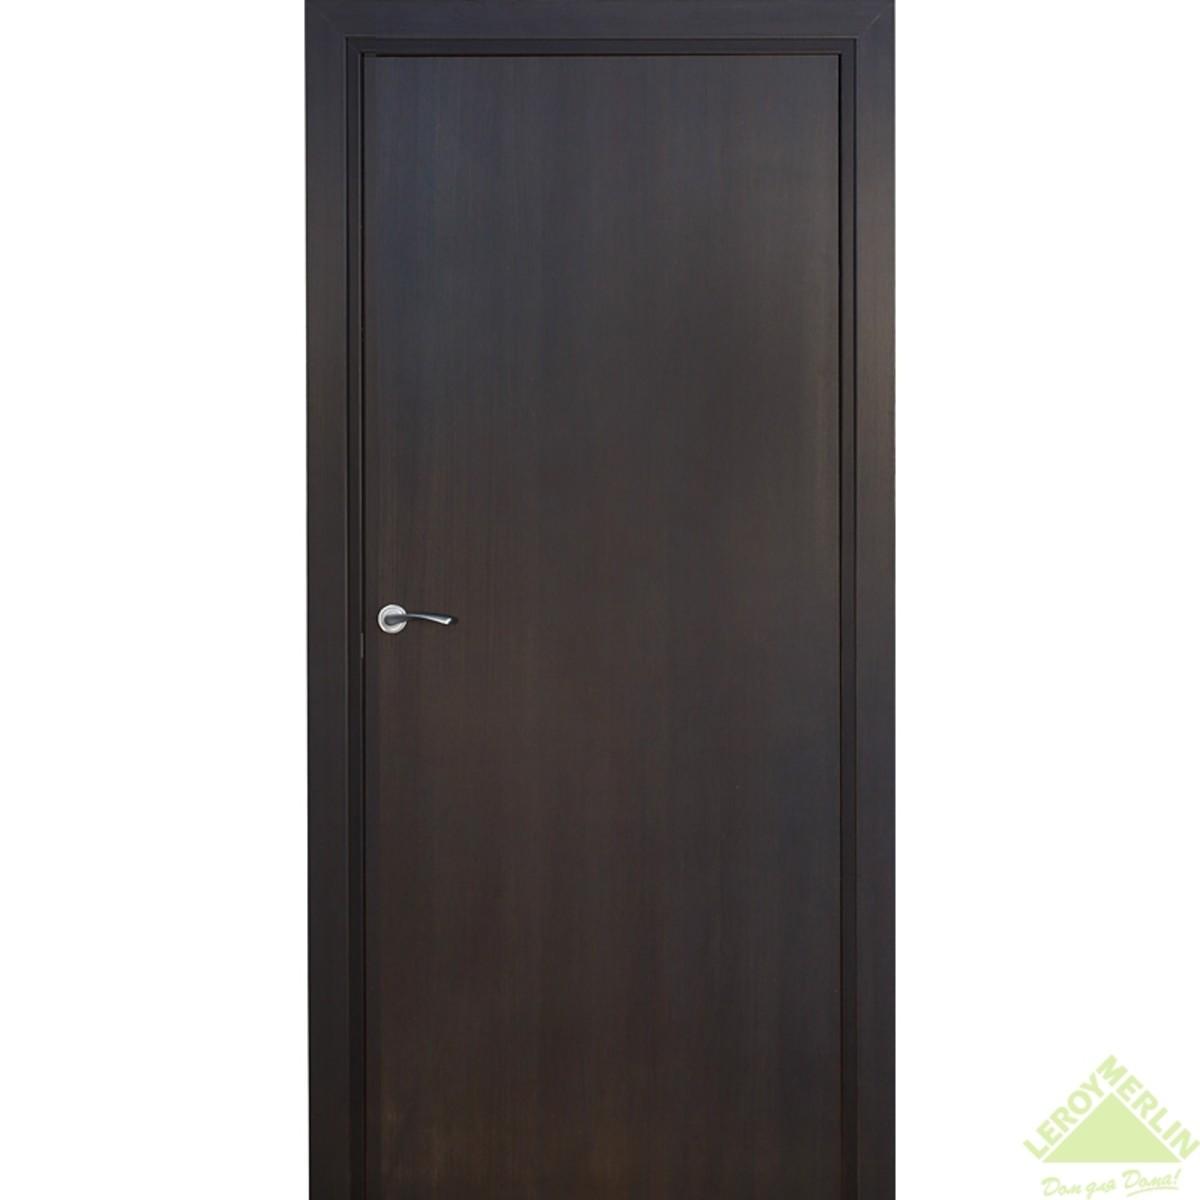 Дверь Межкомнатная Глухая Фортунато Модерн 70x200 Ламинация Цвет Венге